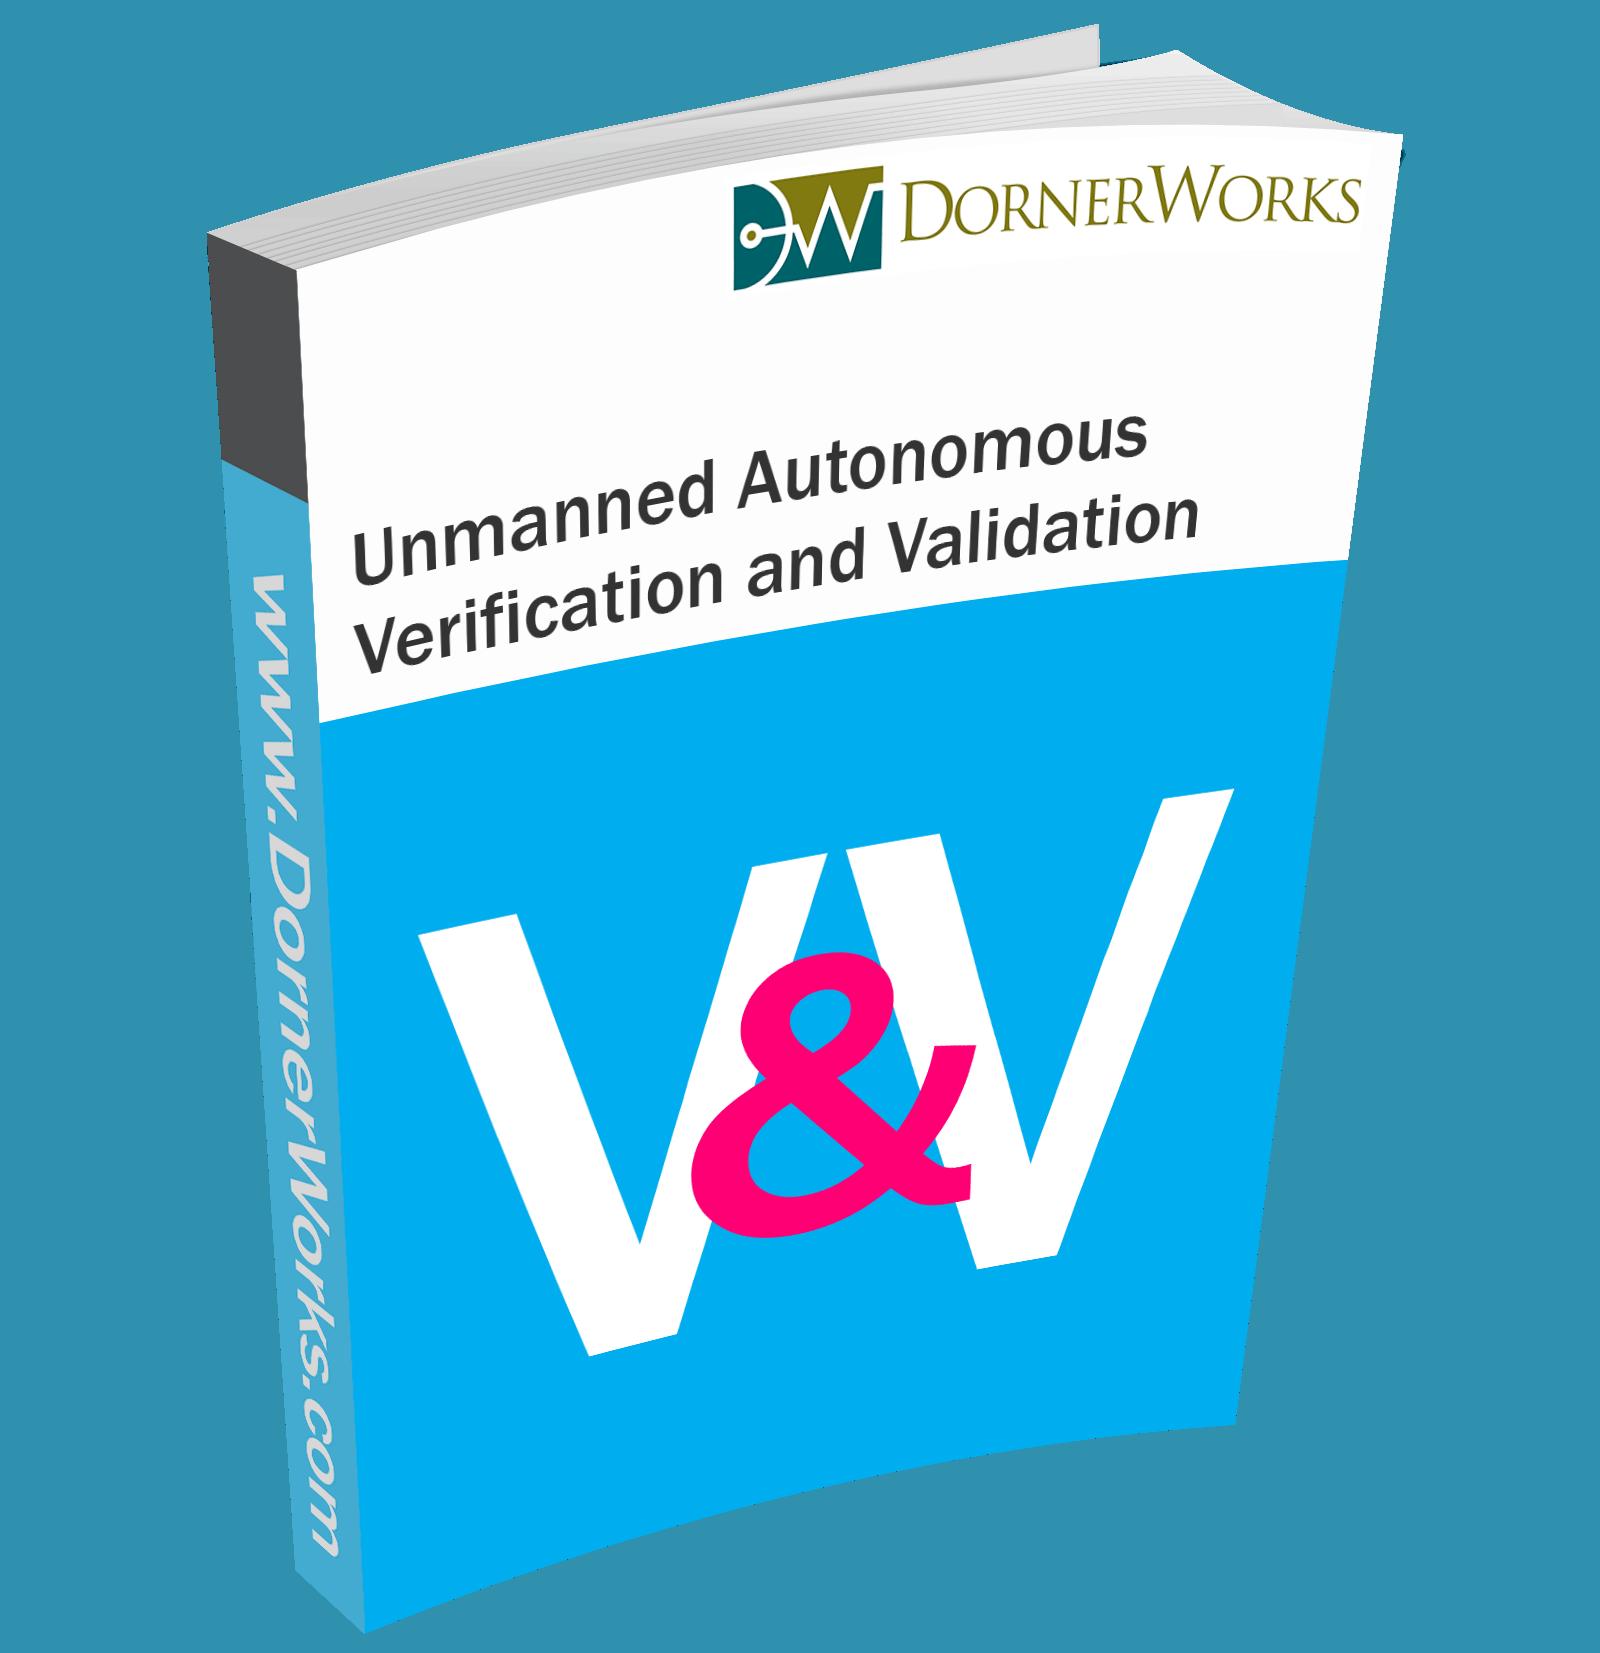 Unmanned Autonomous Verification and Validation